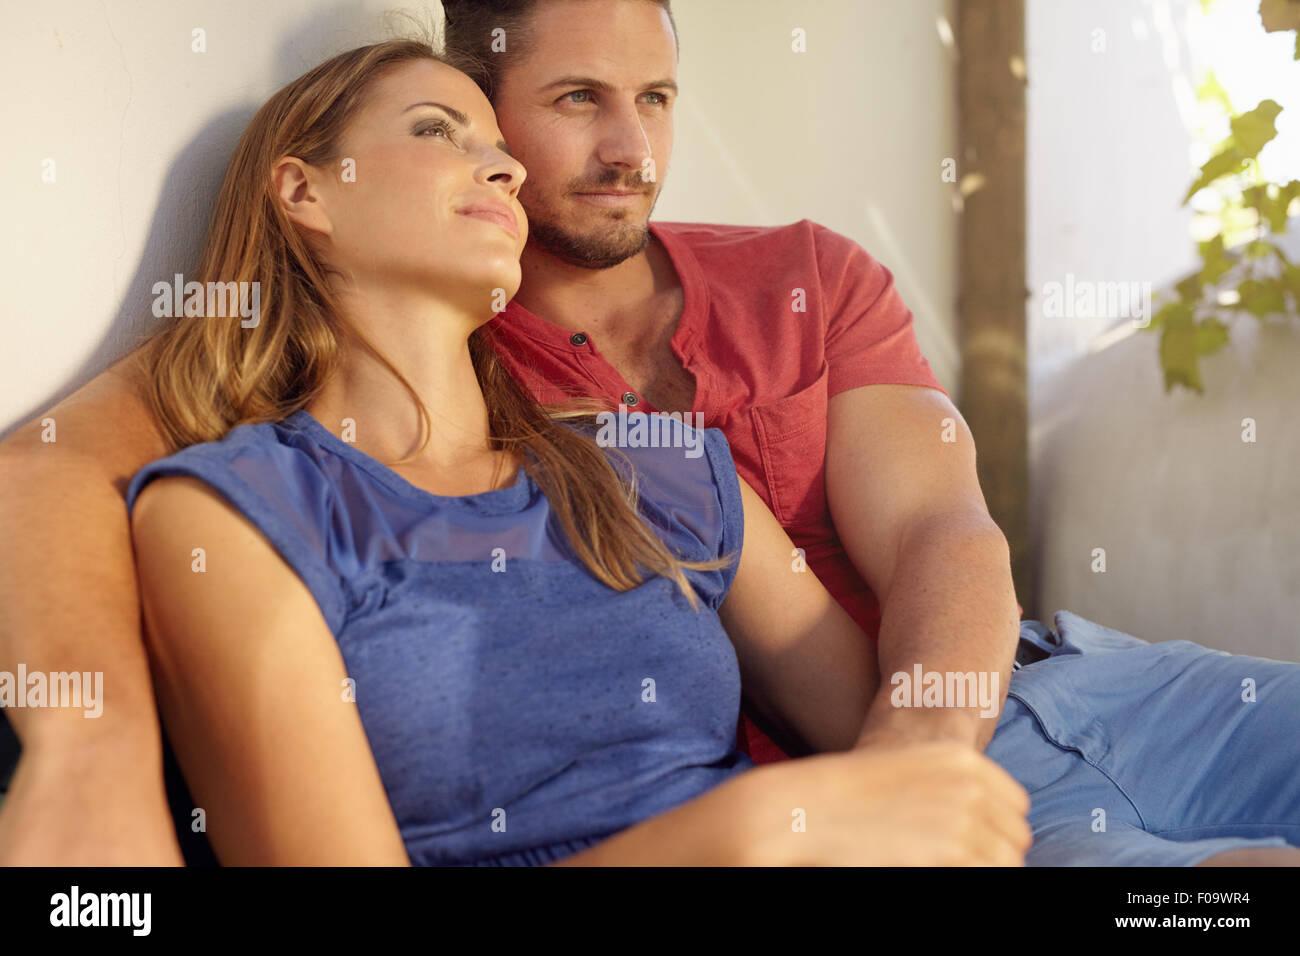 Colpo all'aperto di amare giovane uomo e donna seduta nel loro cortile. Amore giovane seduto rilassato insieme Immagini Stock